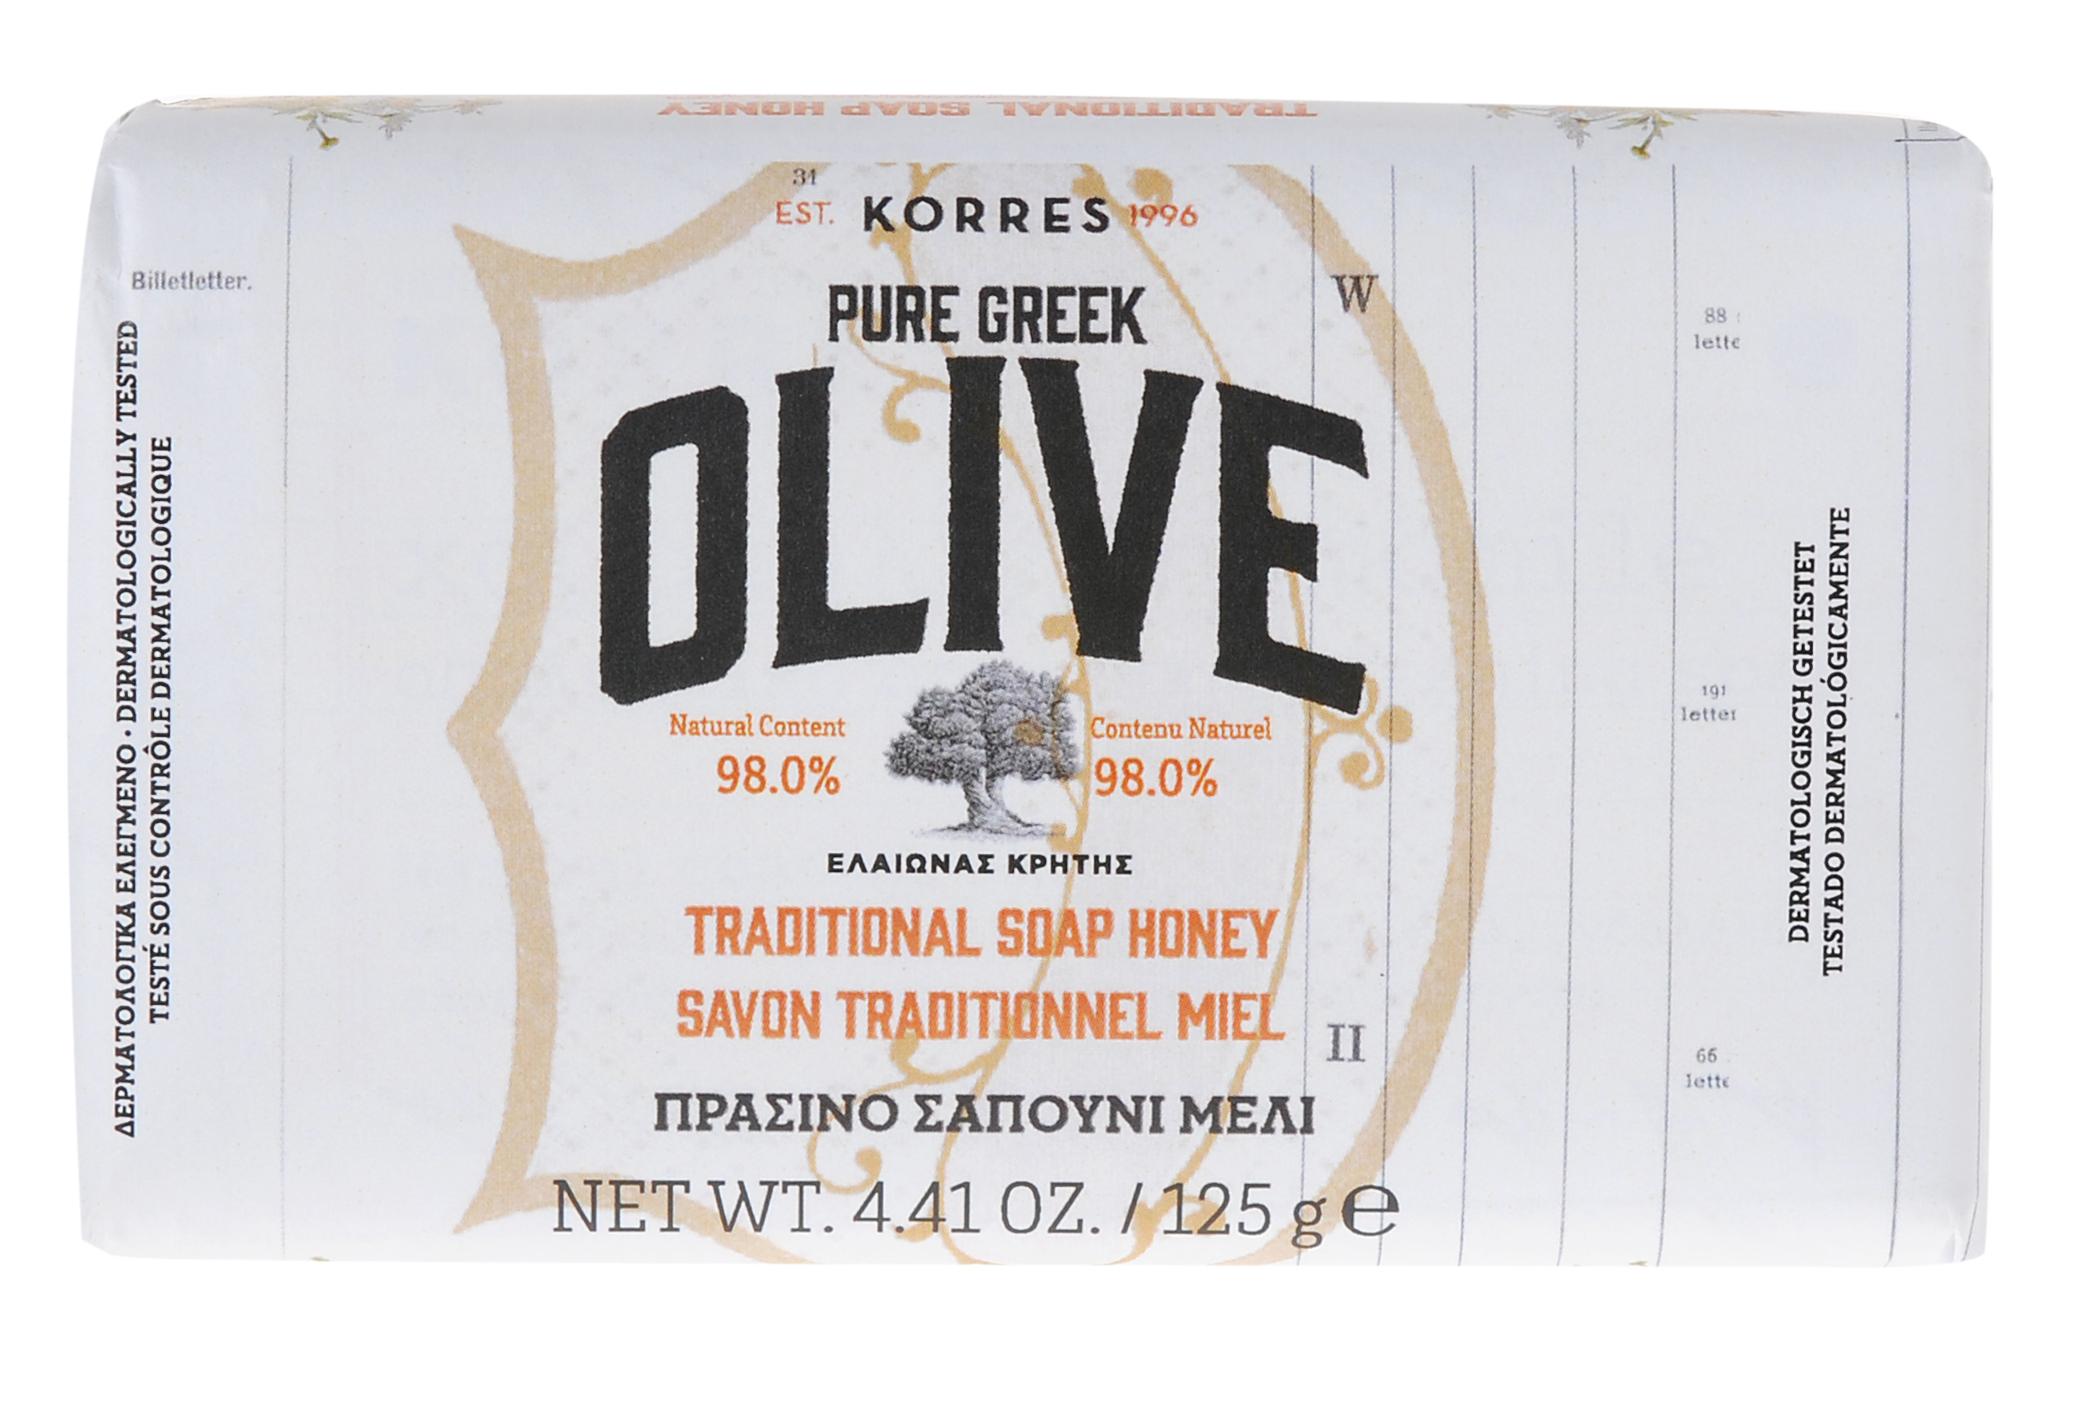 KORRES Мыло греческое традиционное, мед 125 г -  Мыла